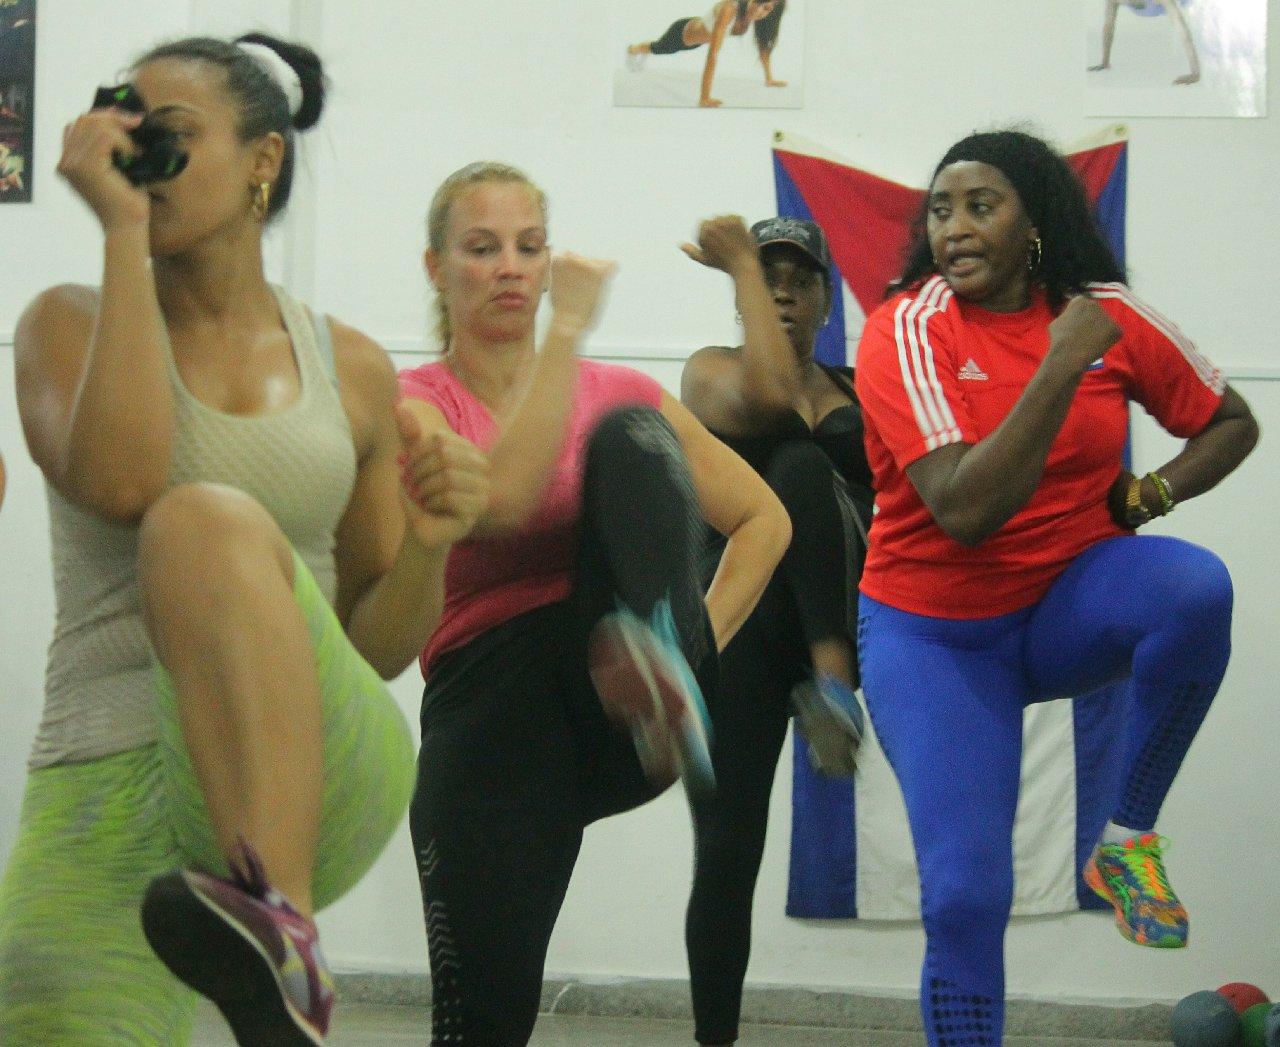 Idalmis imparte clases de ejercicios aeróbicos a un grupo de muchachas en Centro Habana. Foto: Boris Luis Cabrera.